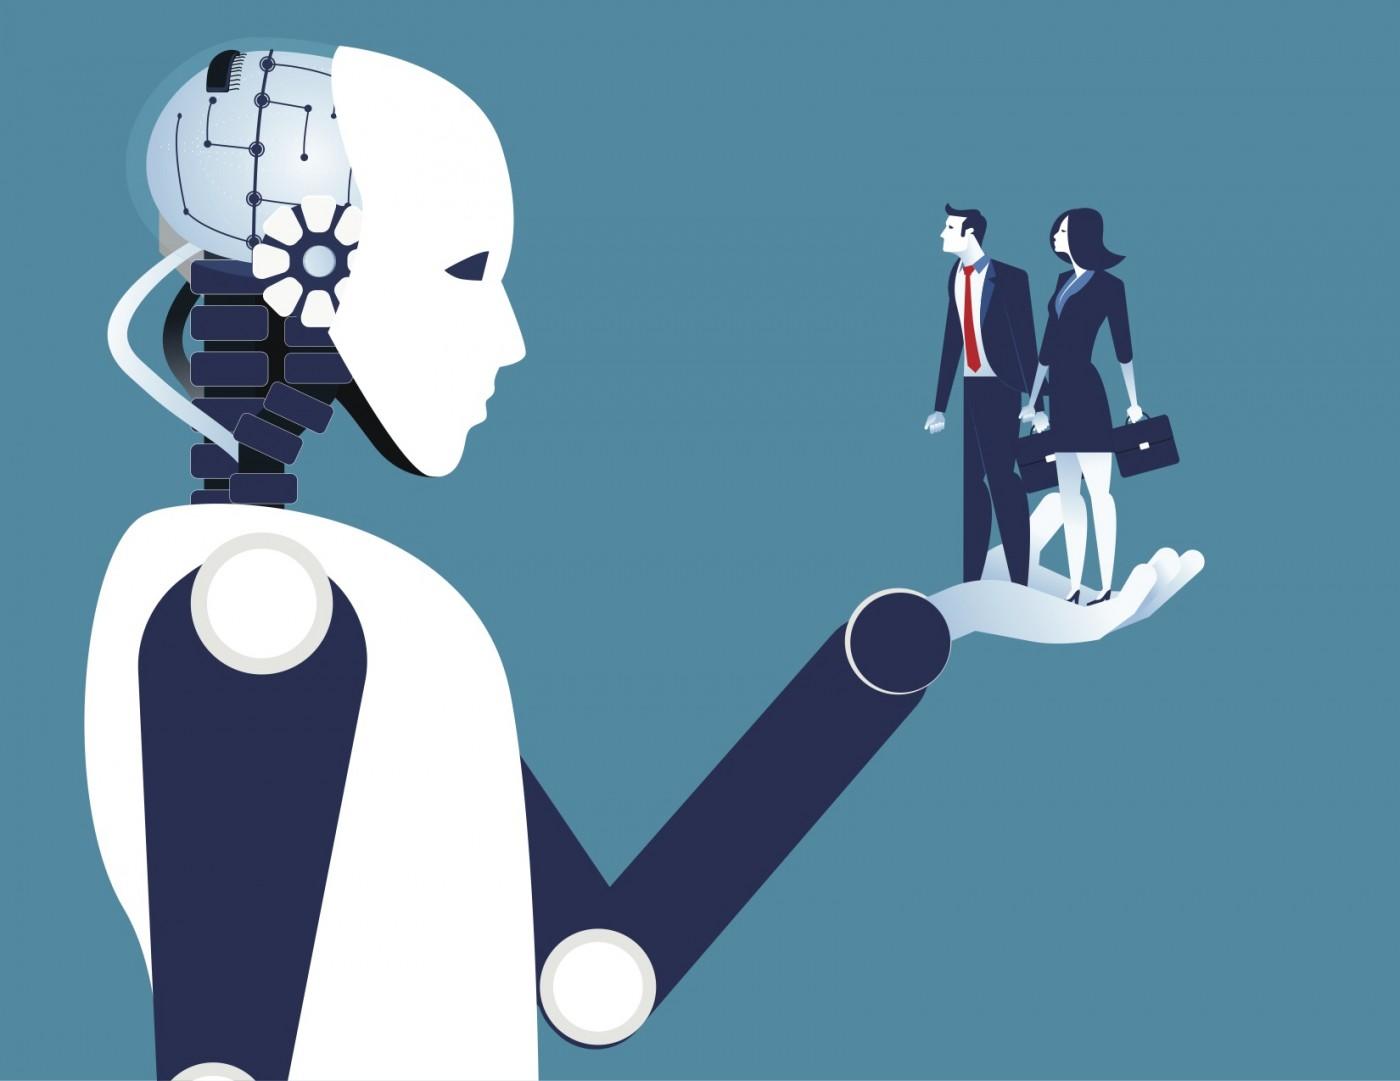 AI搶了你飯碗,卻助攻實現「不勞而獲」的未來?